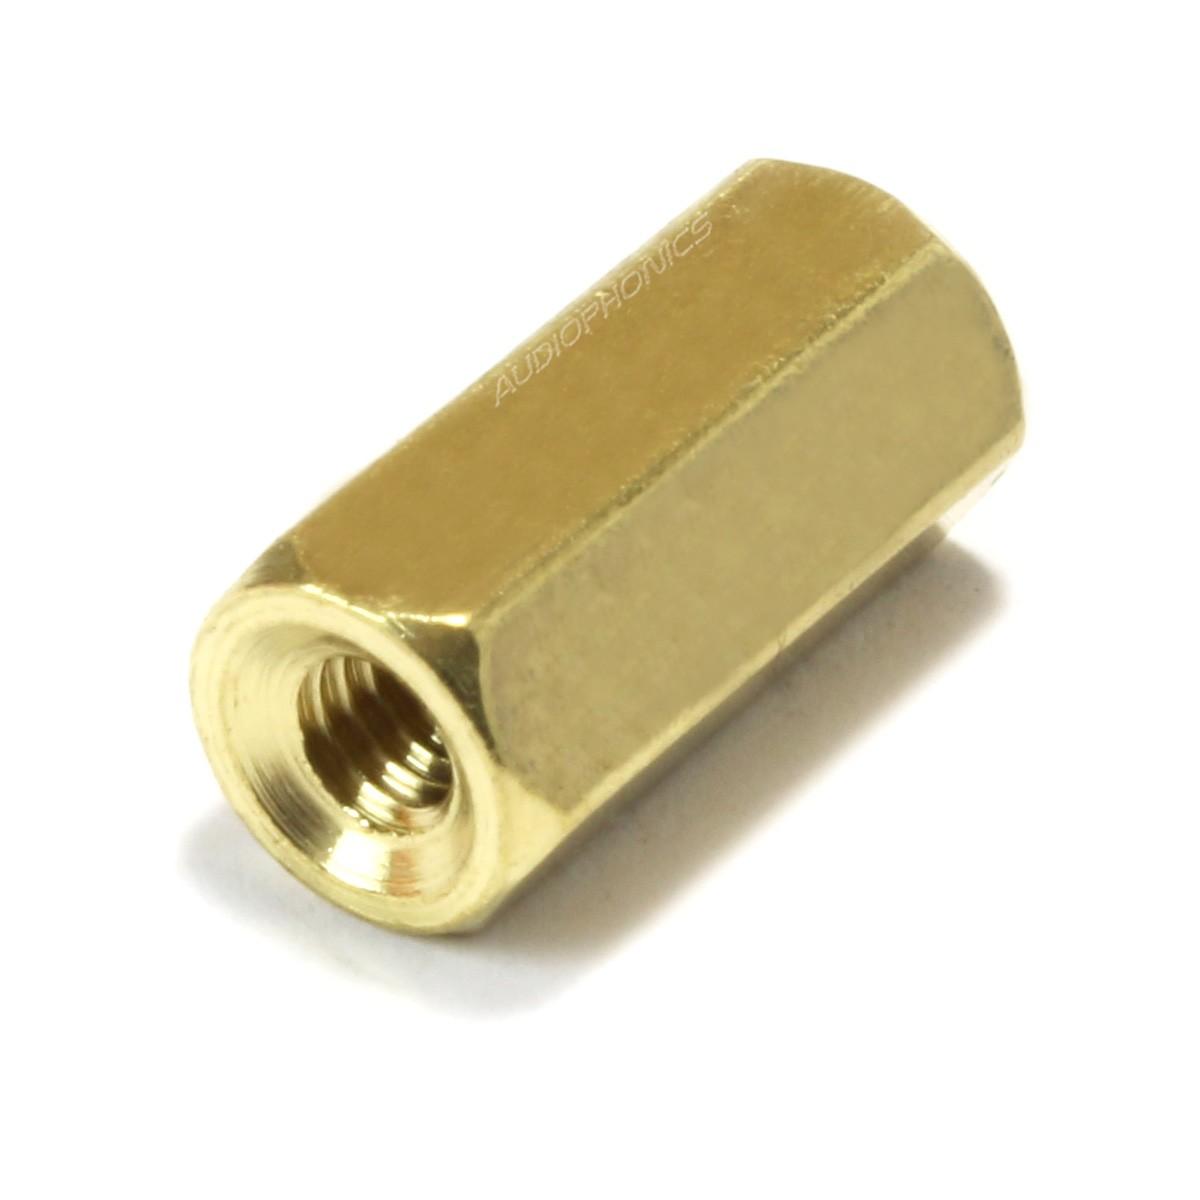 Brass Spacers Female / Female M2.5x10mm (x10)